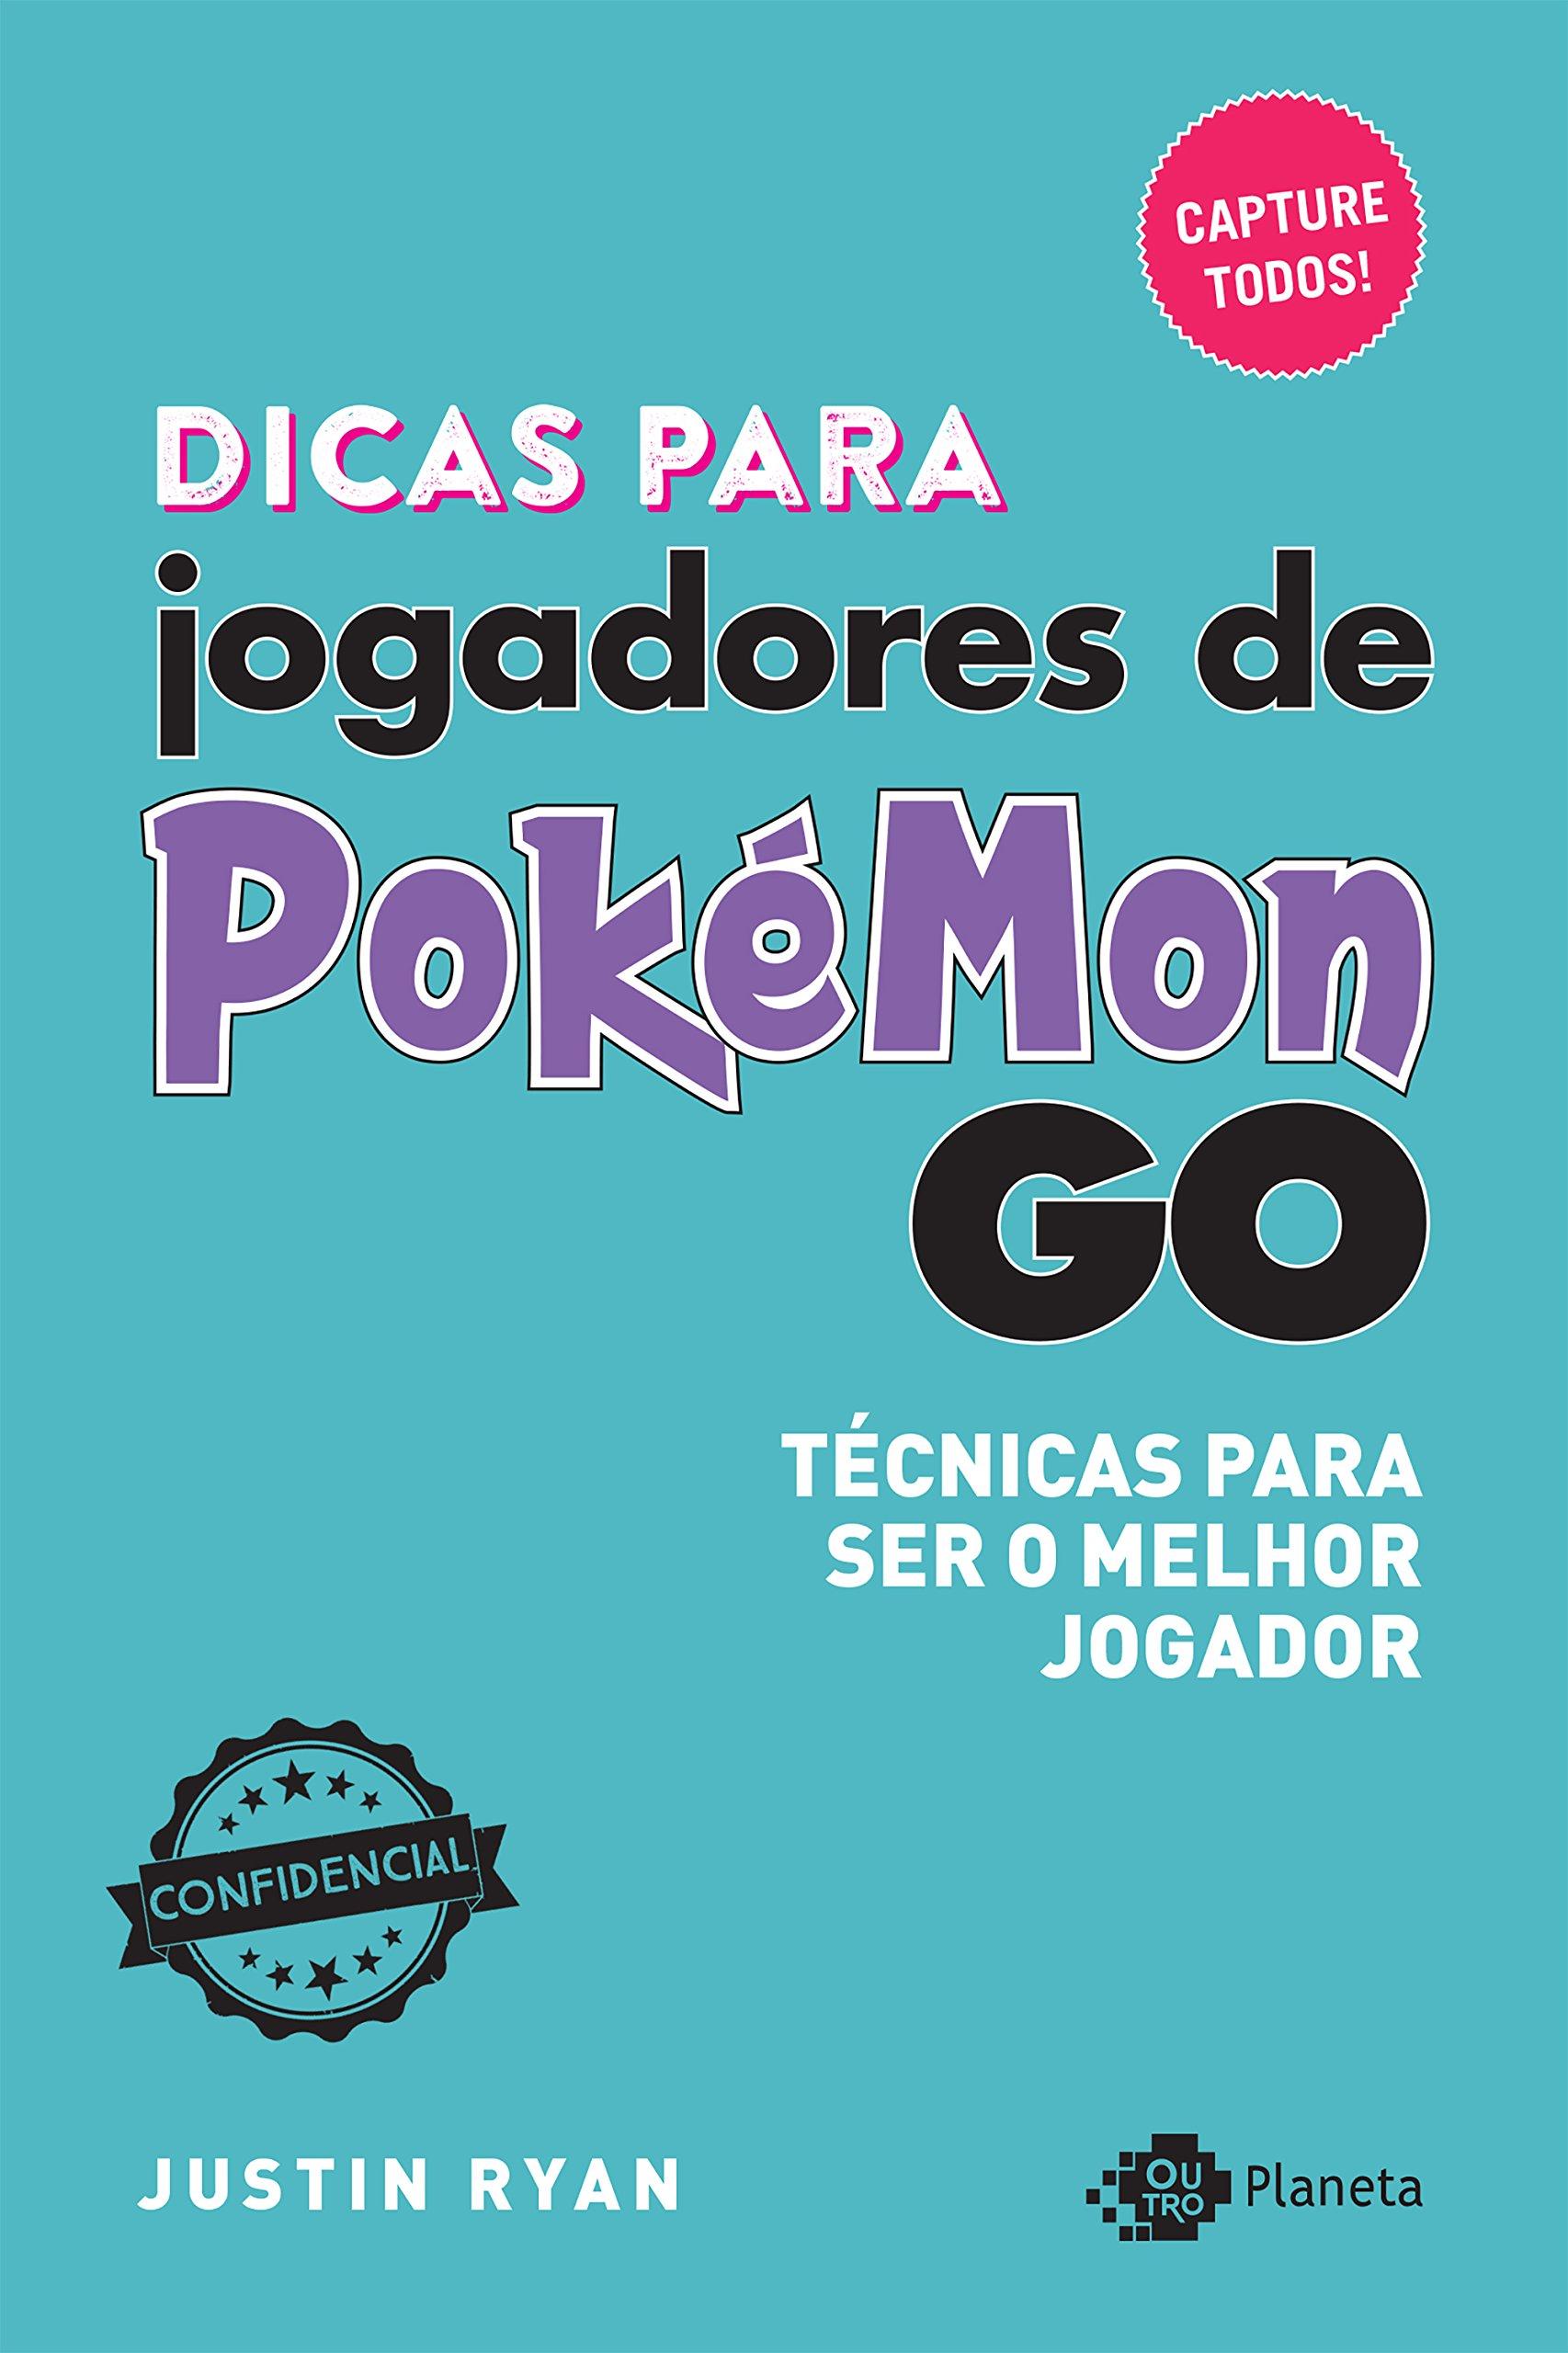 Dicas para jogadores de Pokemón Go